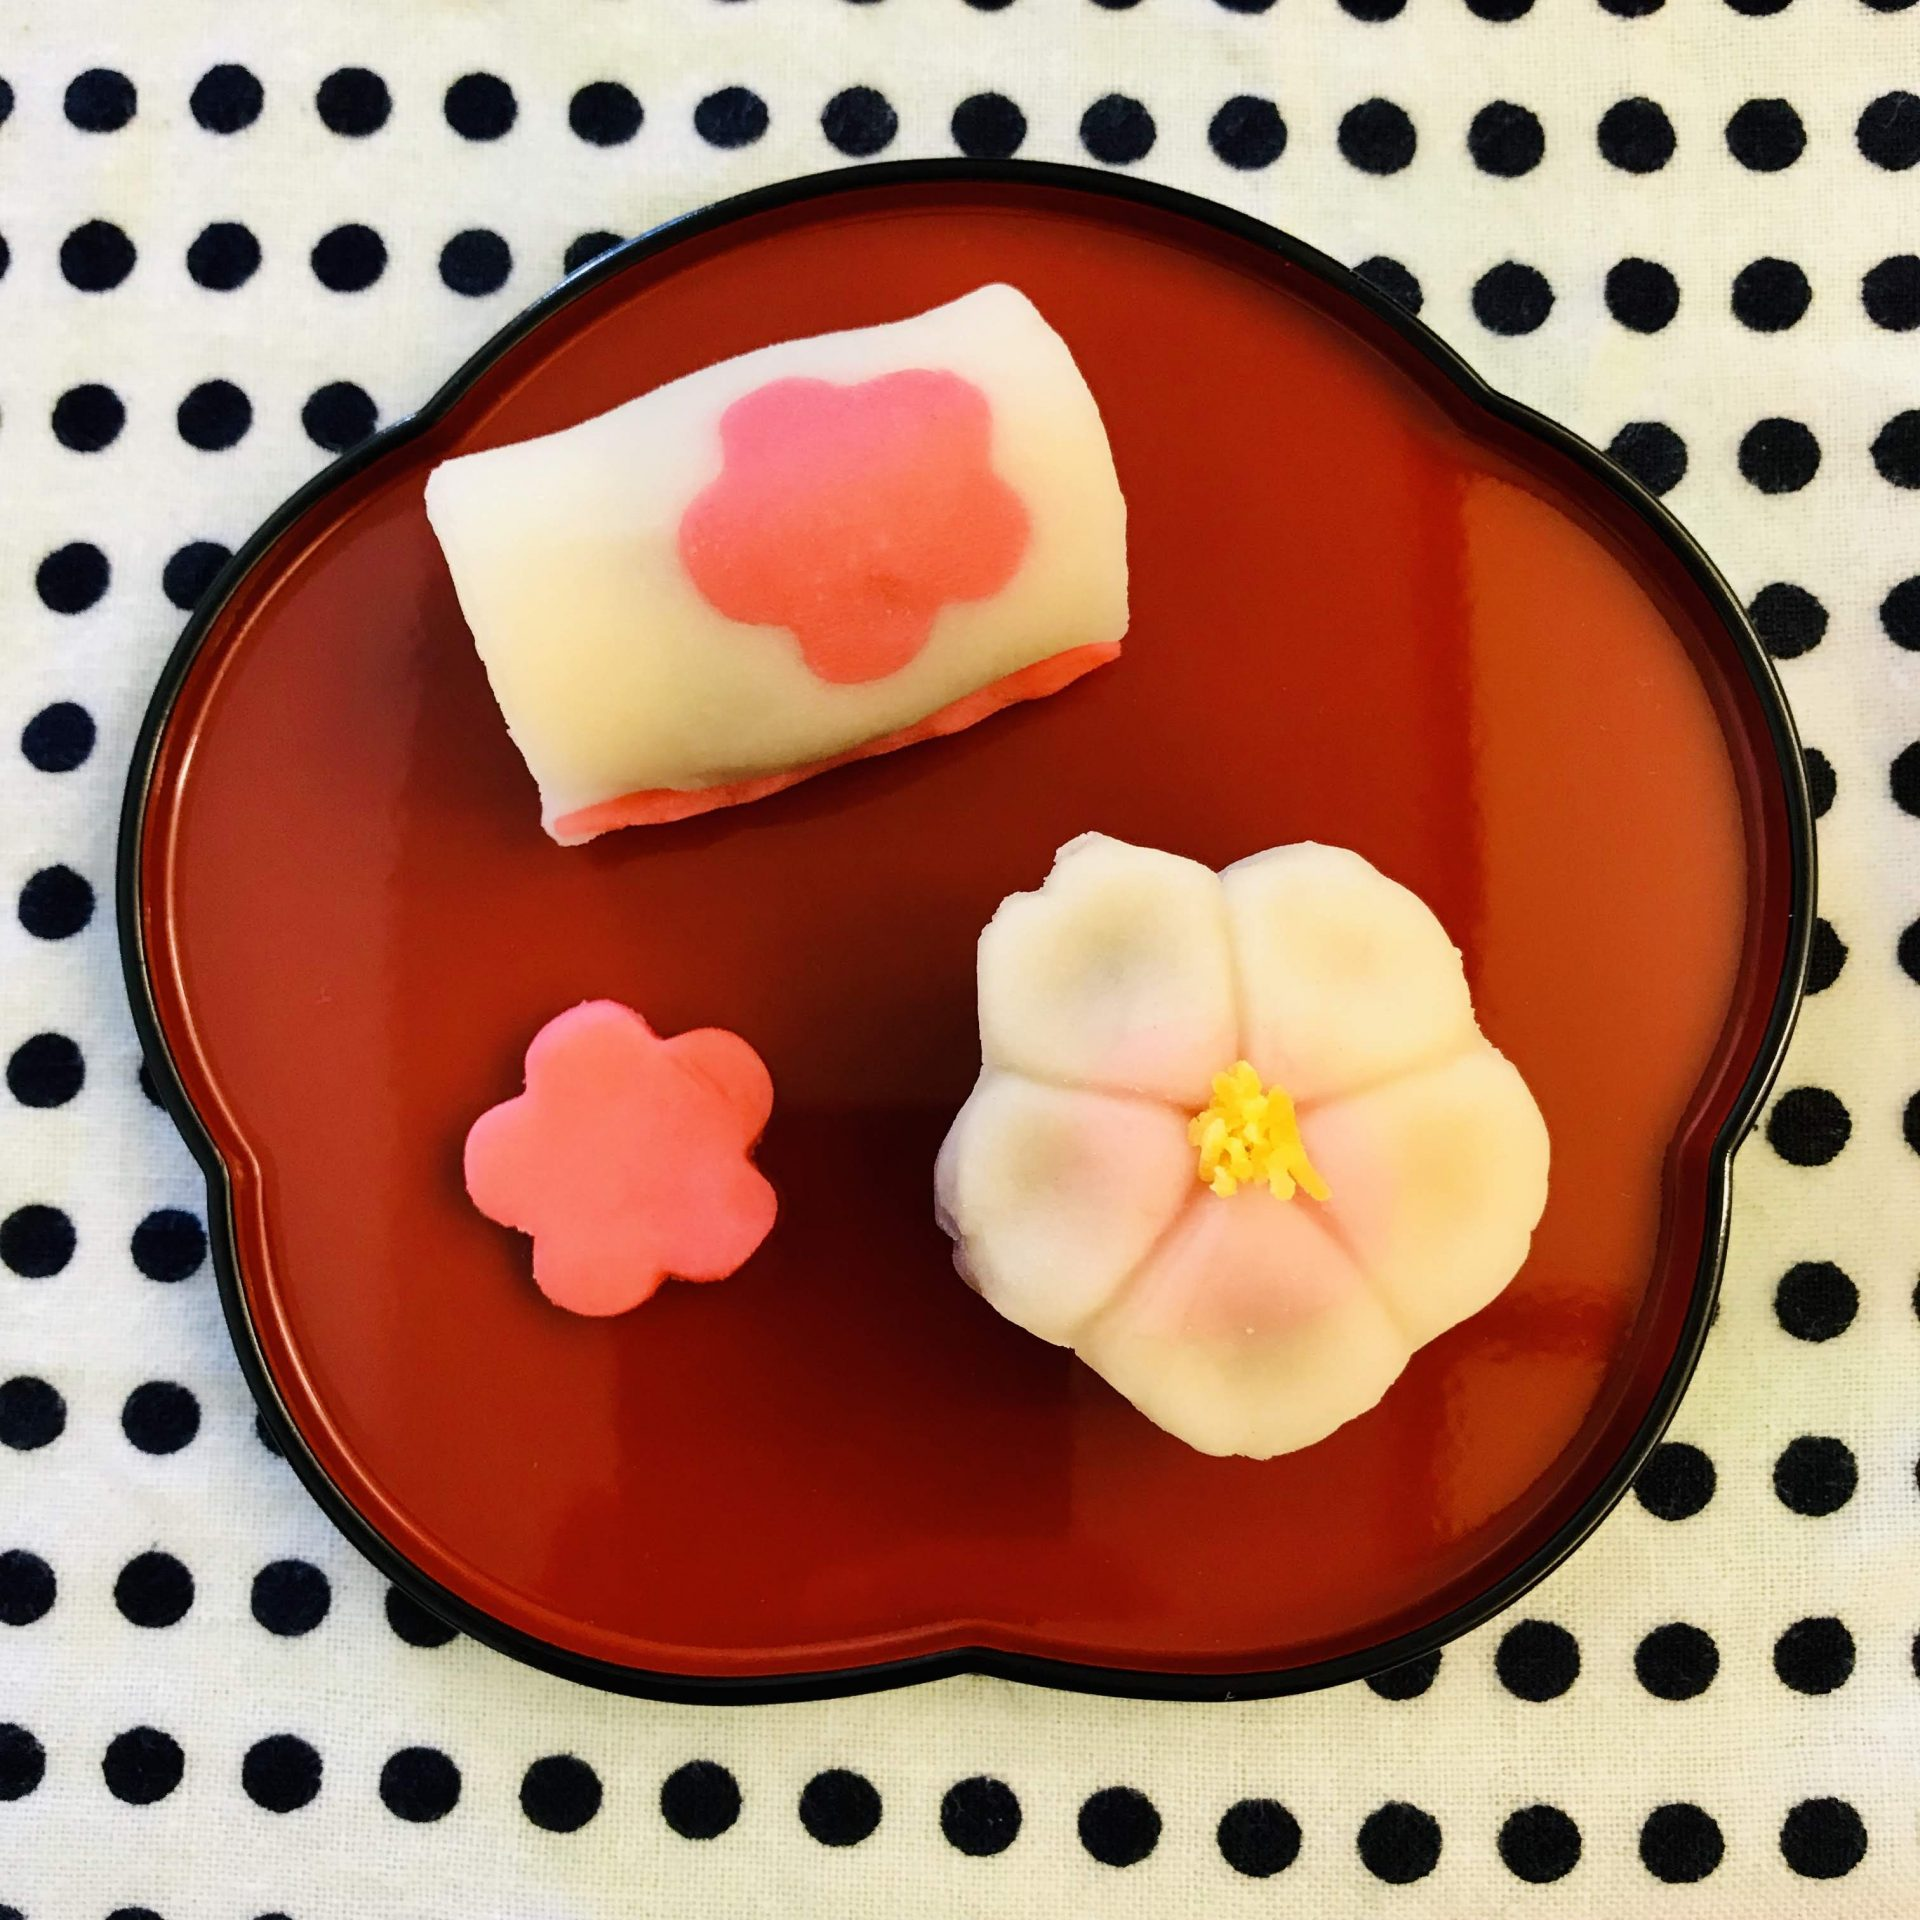 Japanese Sweets - Wagashi